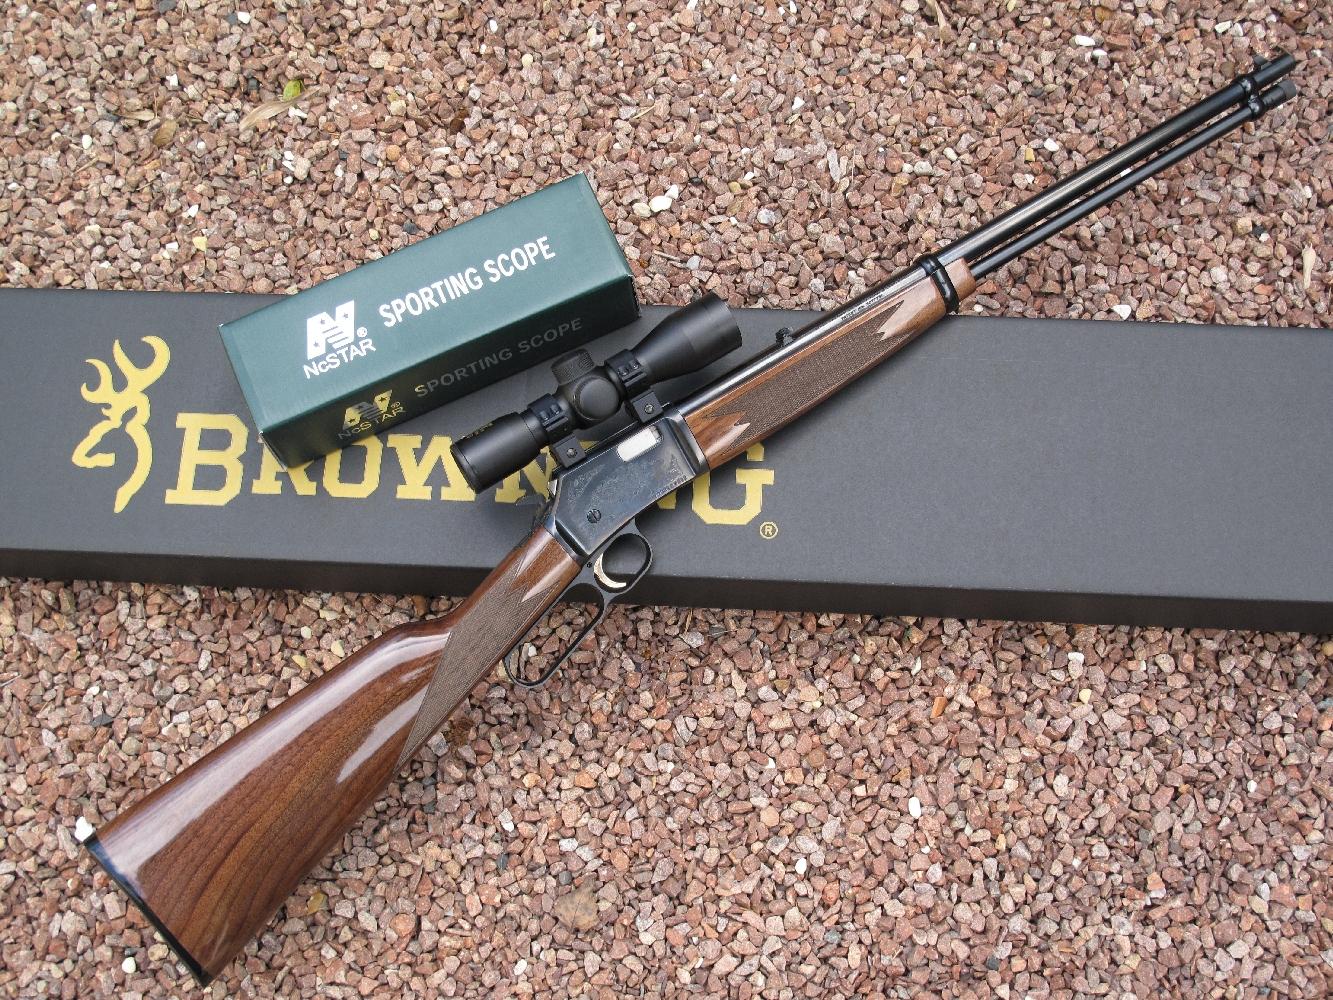 Pour nos tests de précision à 50 m, nous avons équipé cette très belle carabine Browning BL-22 d'une lunette compacte 4 x 30 Sporting réalisée par la firme californienne New Century NcStar.